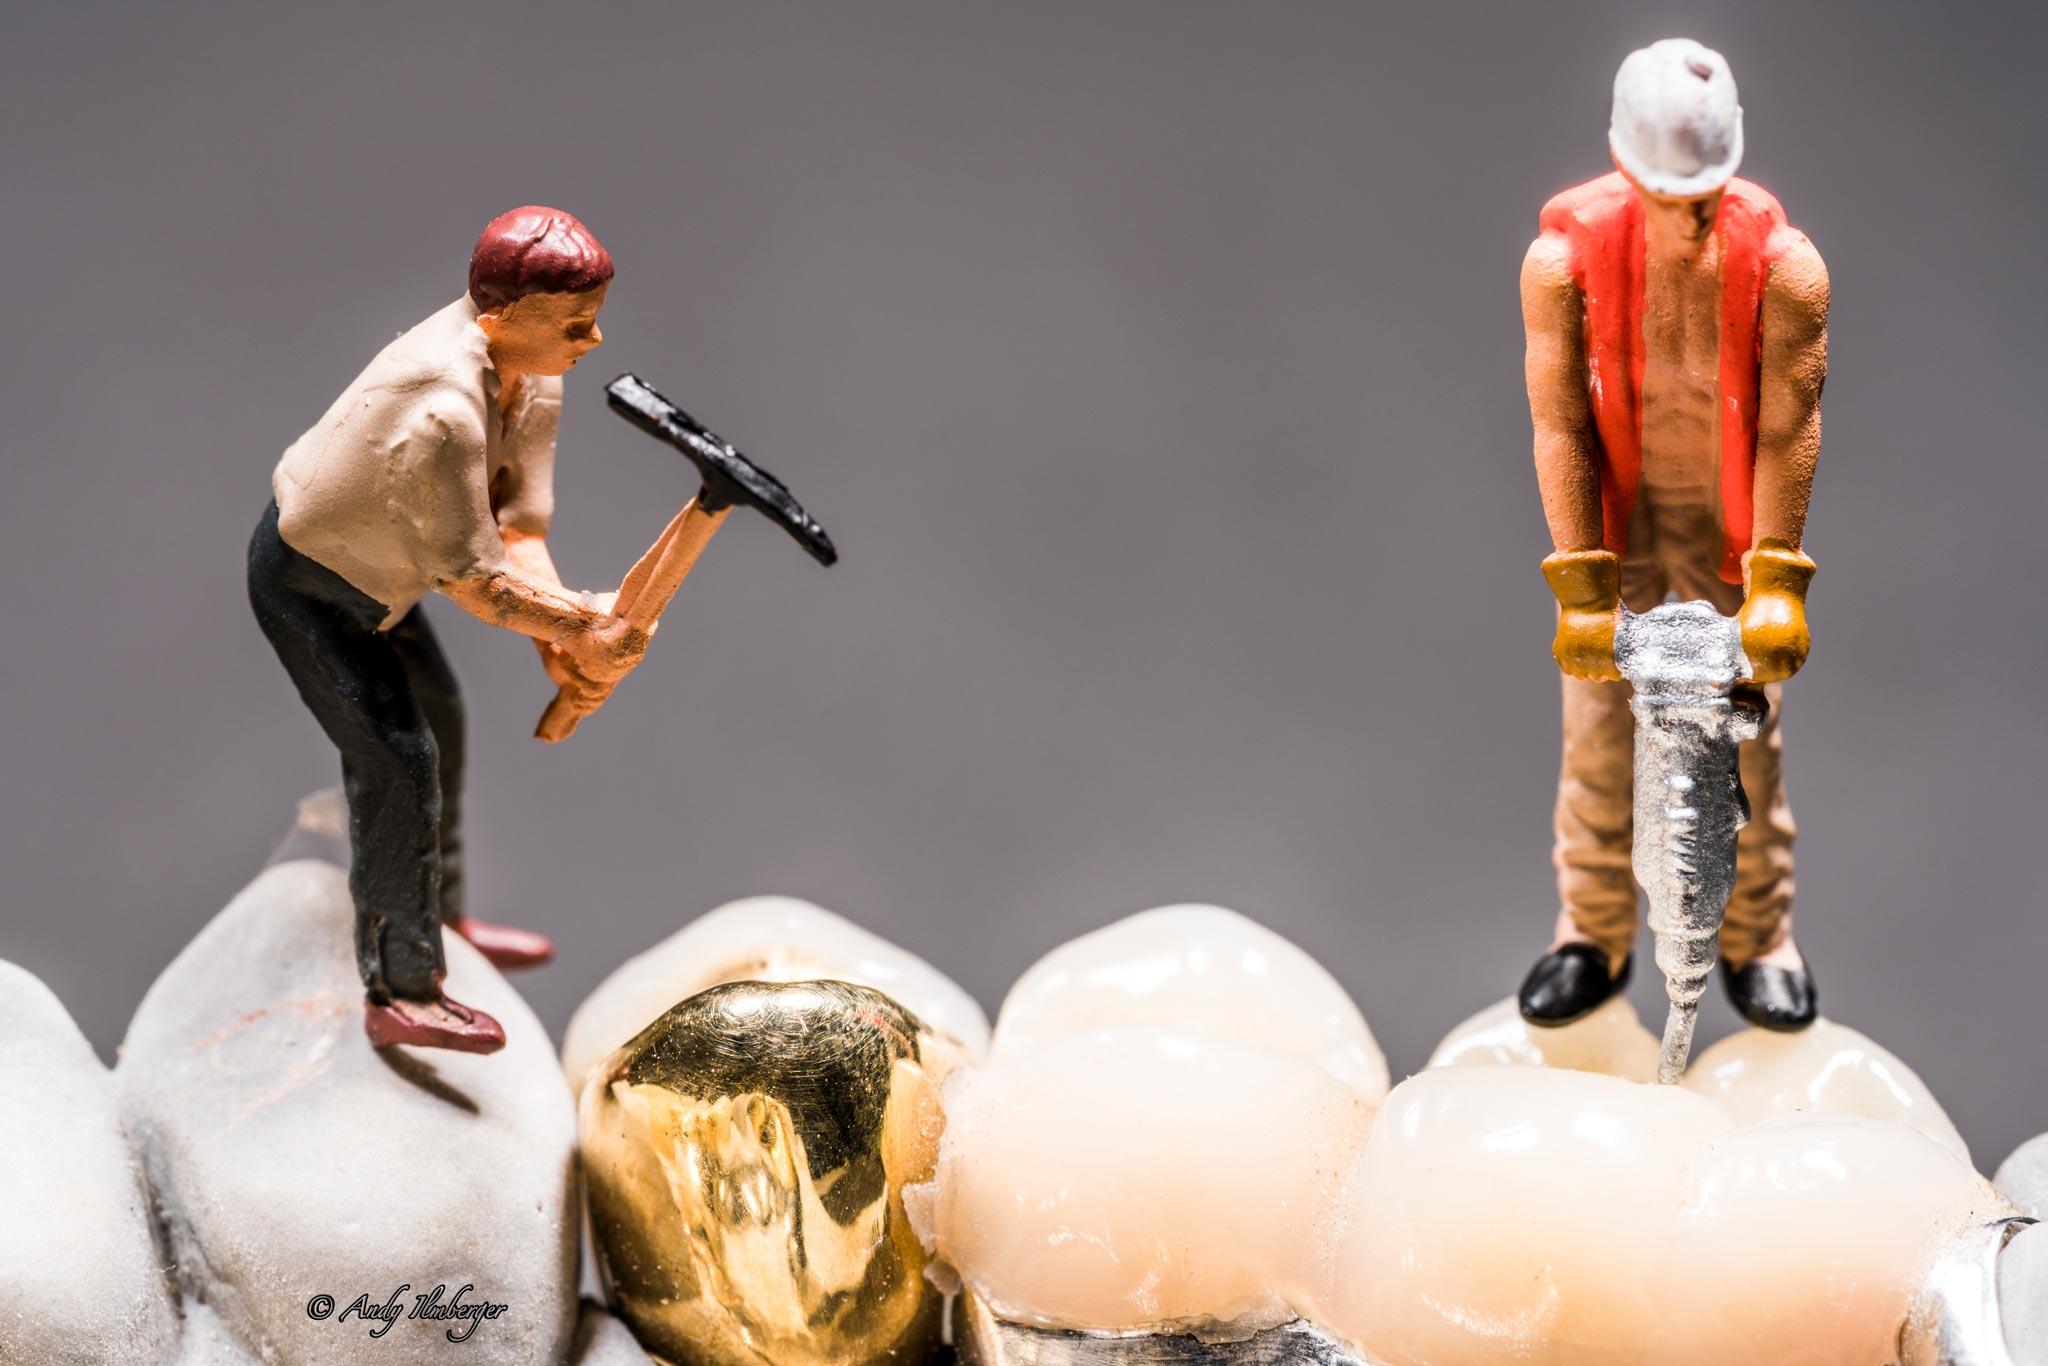 H0-Helden - Auf den Zahn fühlen - H0-Figuren in Szene gesetzt von © Andy Ilmberger im Kleine-Helden.Club